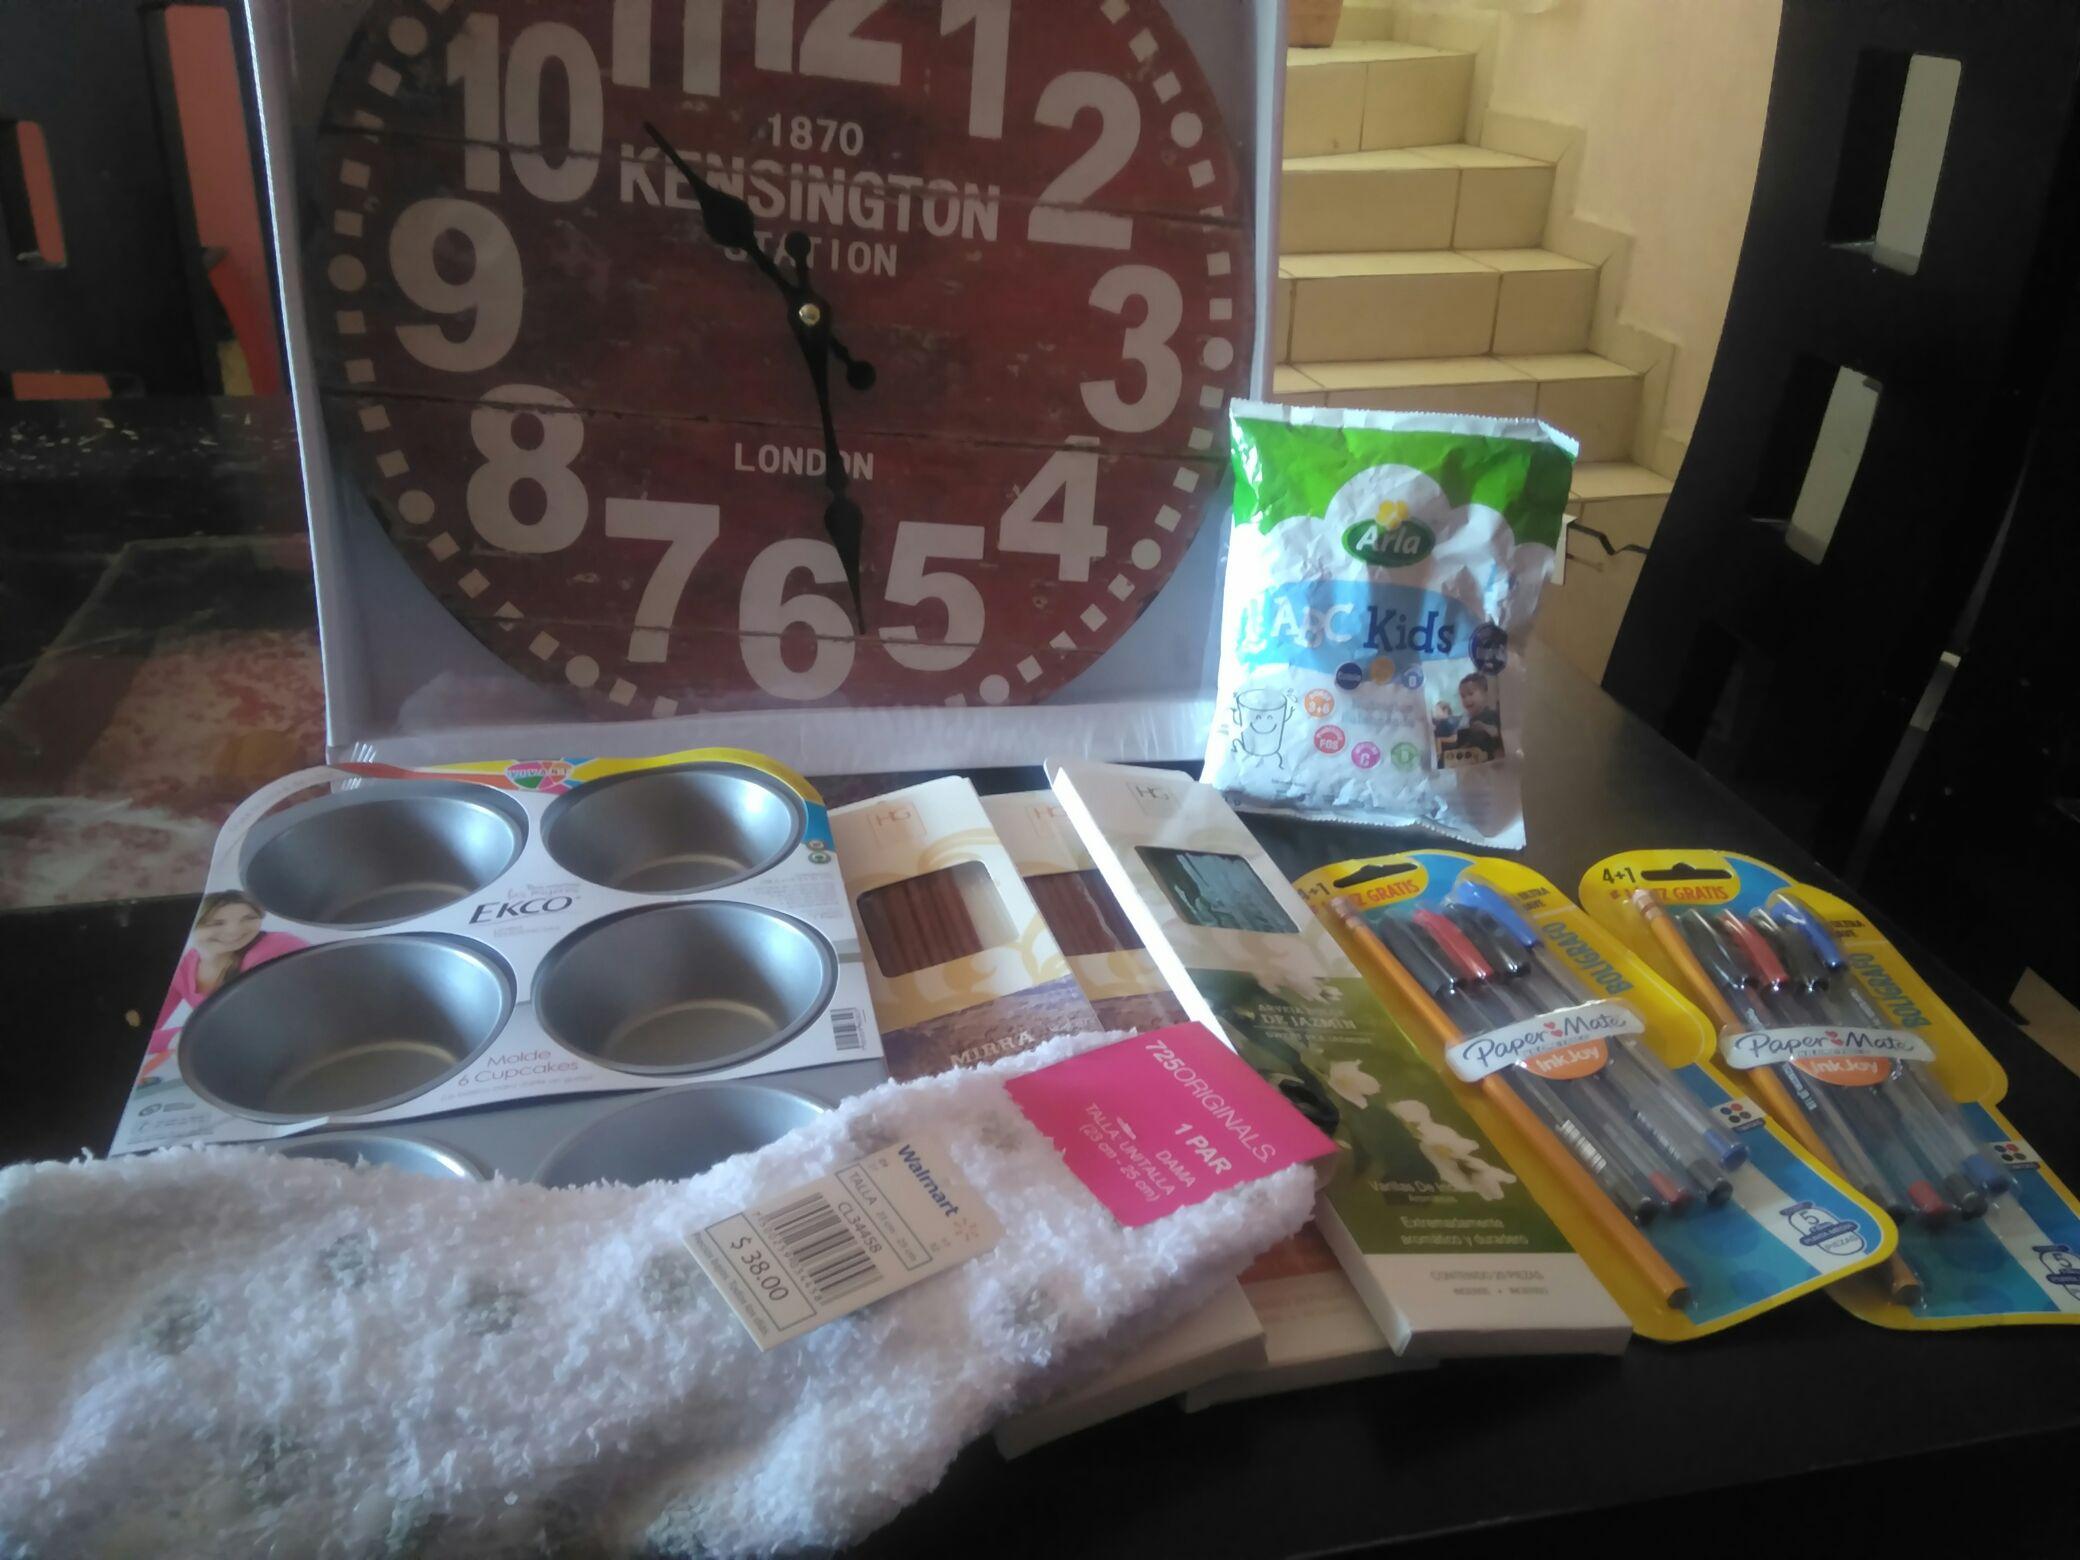 Walmart Centro Sur GDL: Reloj rojo $16.01 Incienso HG Mirra $3.01 Incienso HG Jazmín $3.01 y más